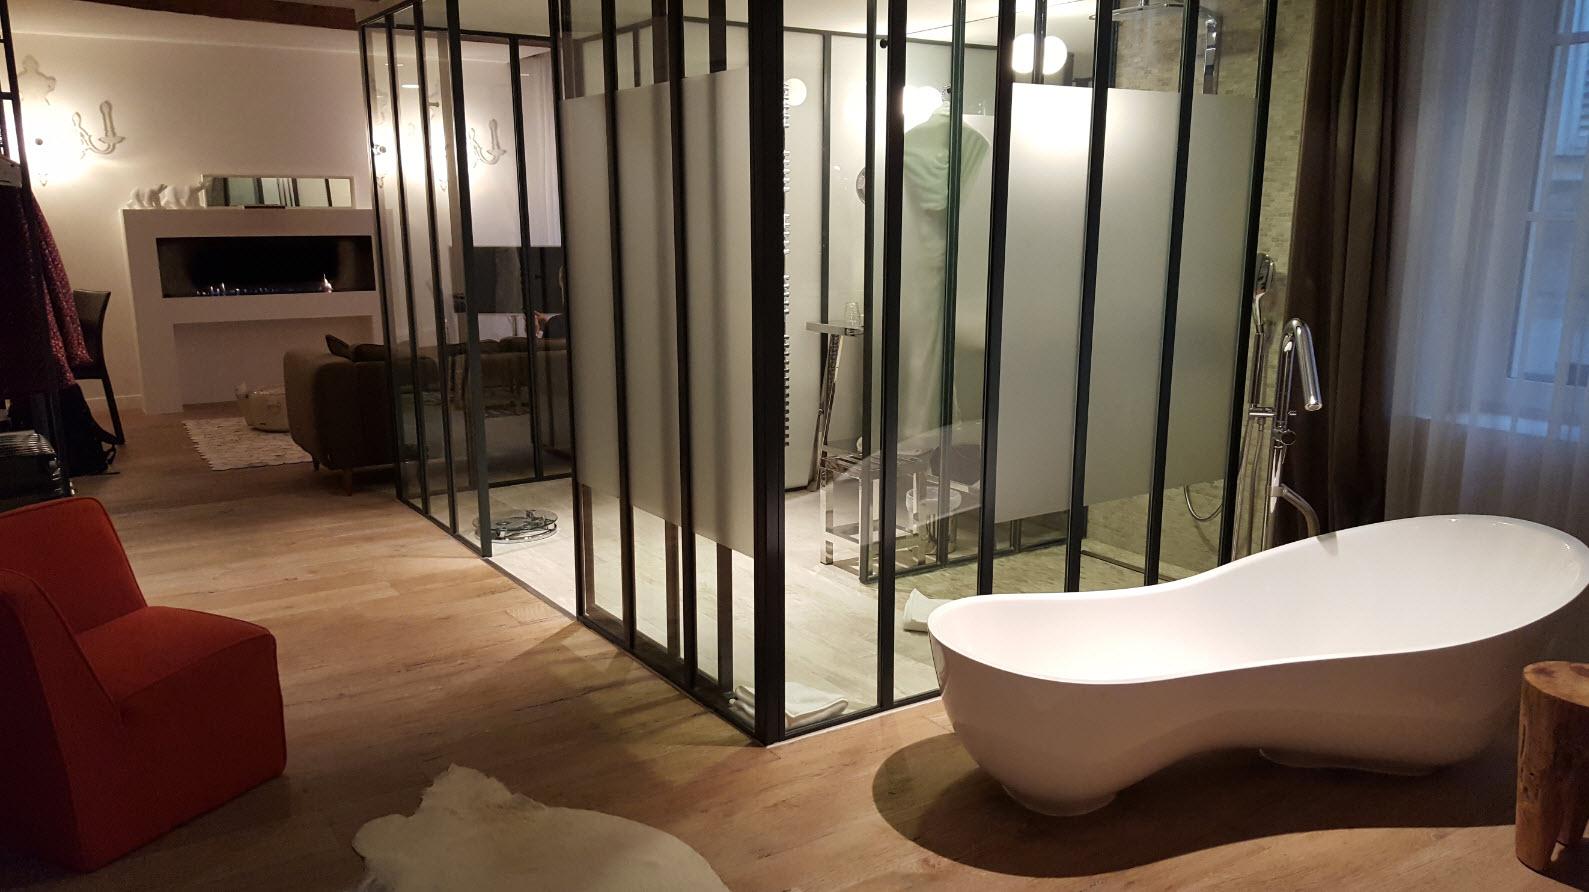 Salle de bains au milieu de la chambre